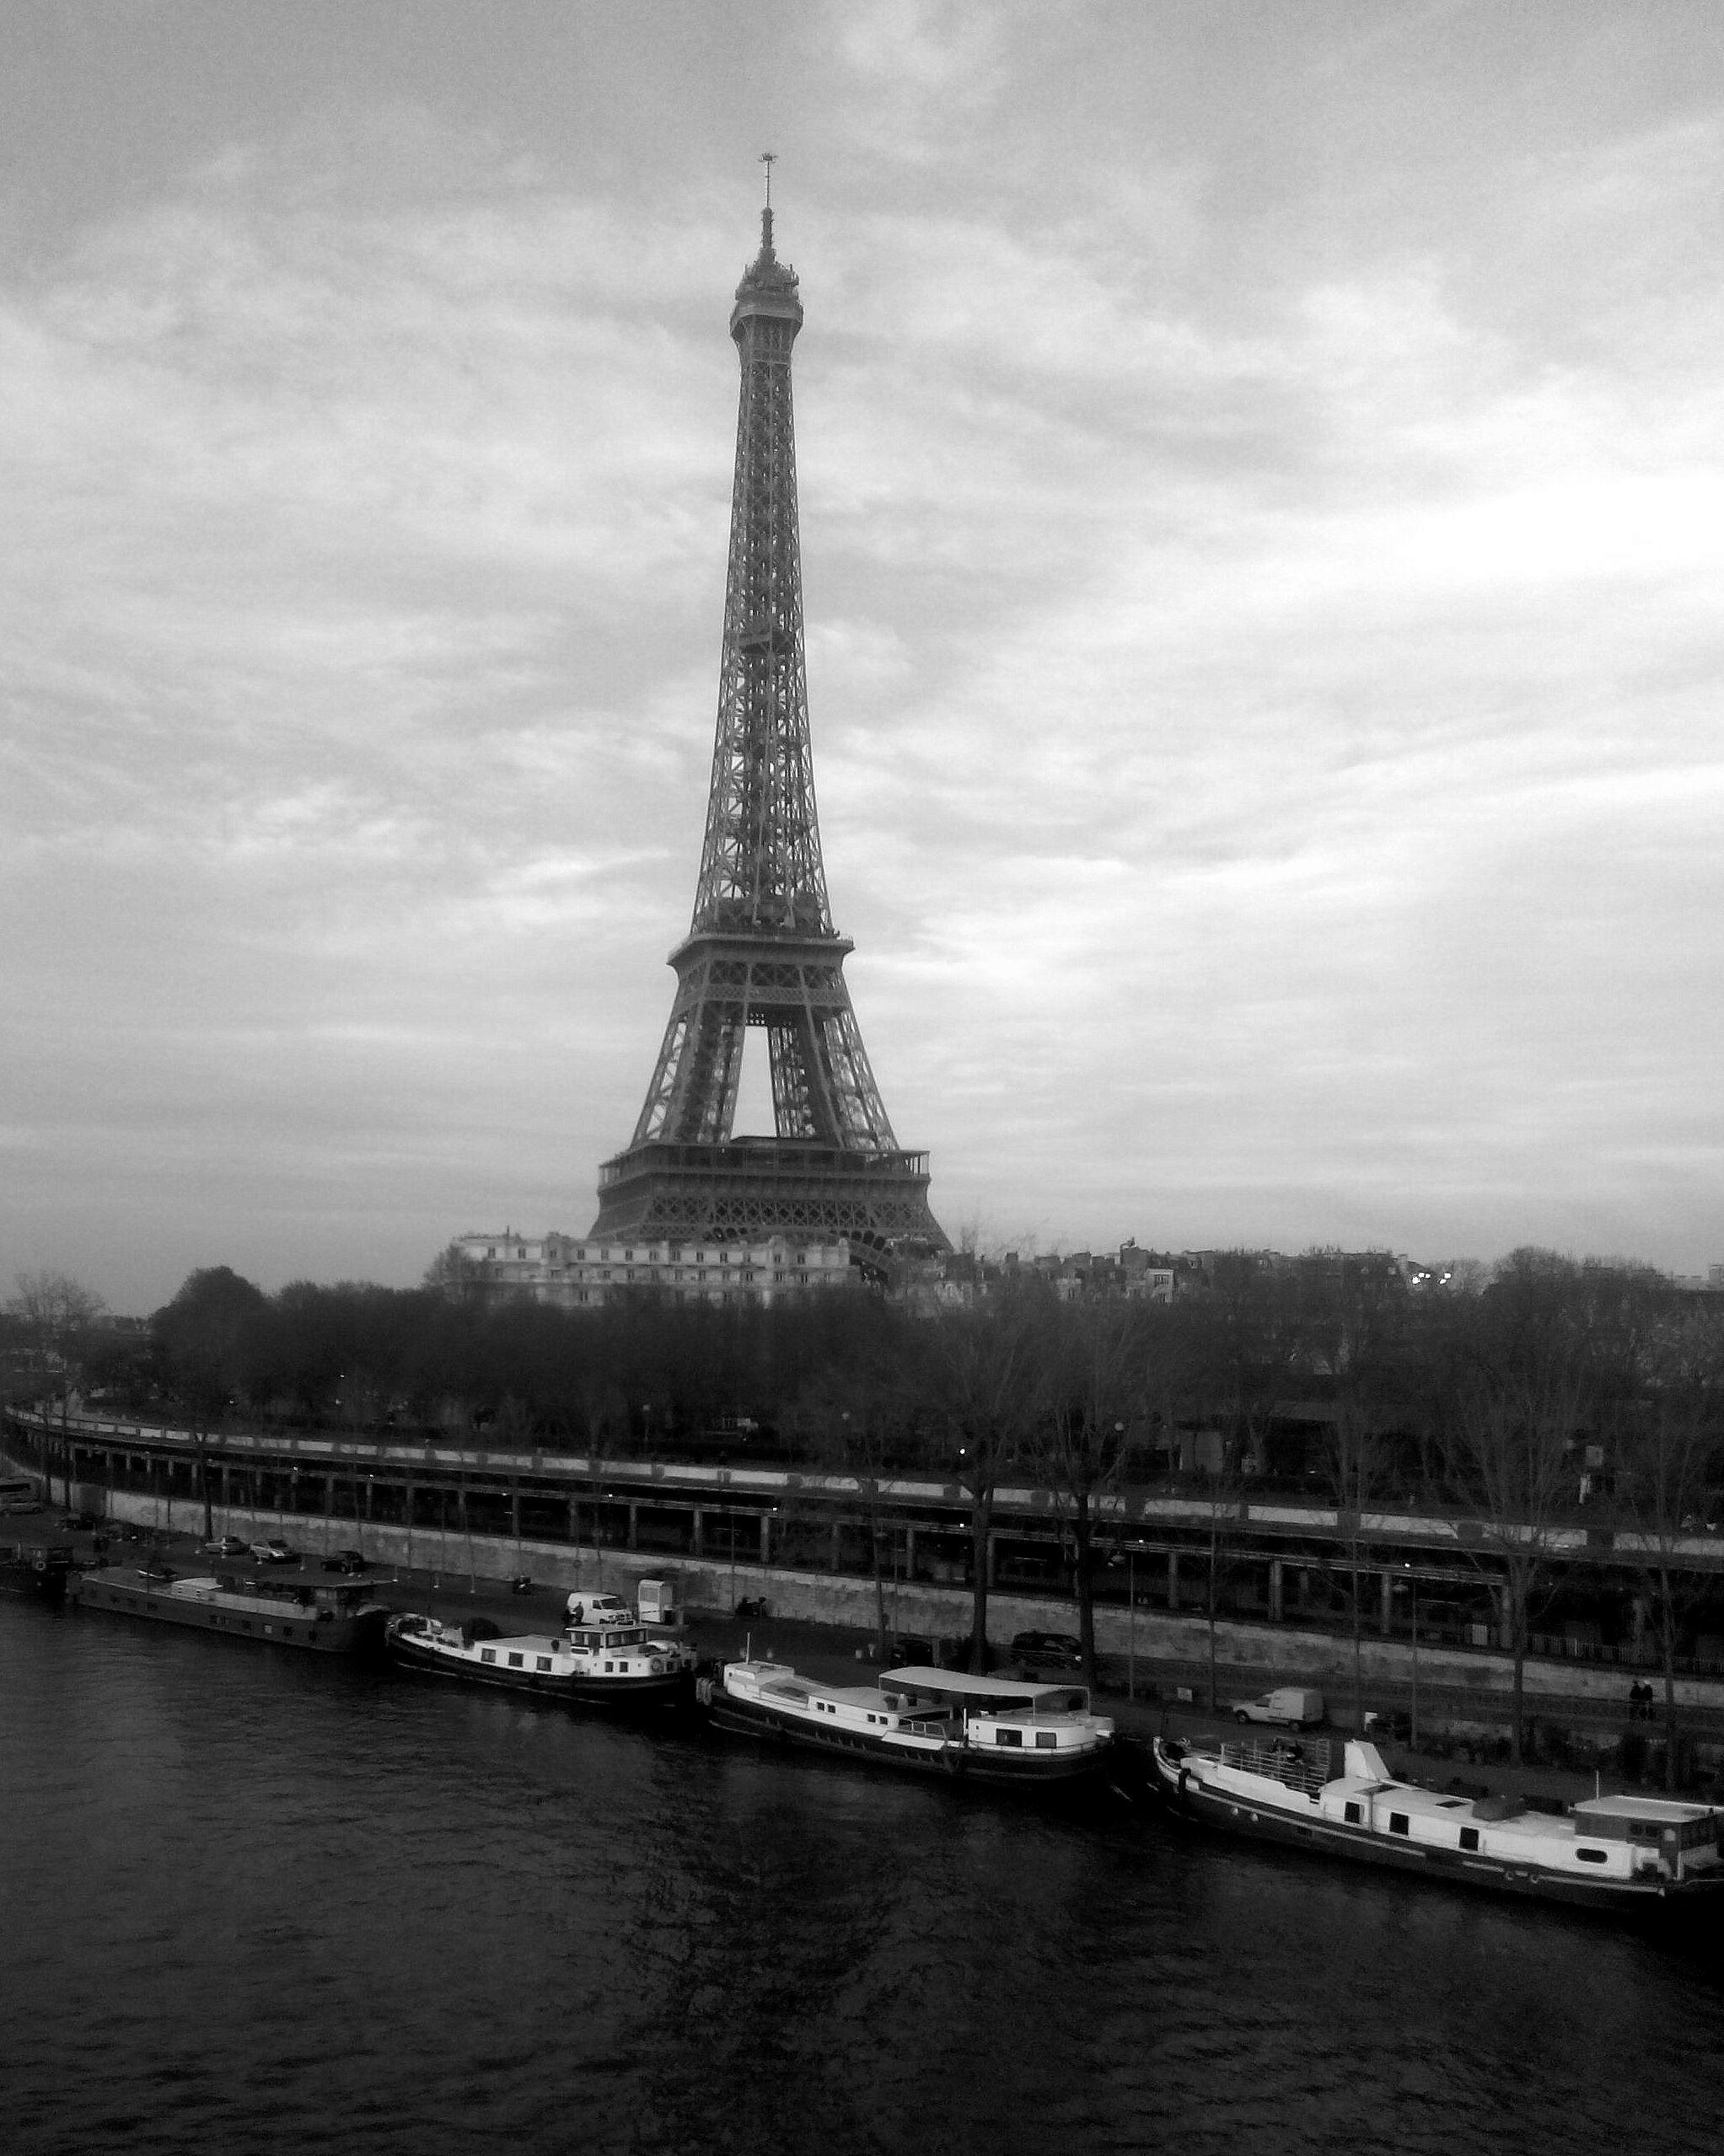 Gambar Laut Hitam Dan Putih Arsitektur Menara Eiffel